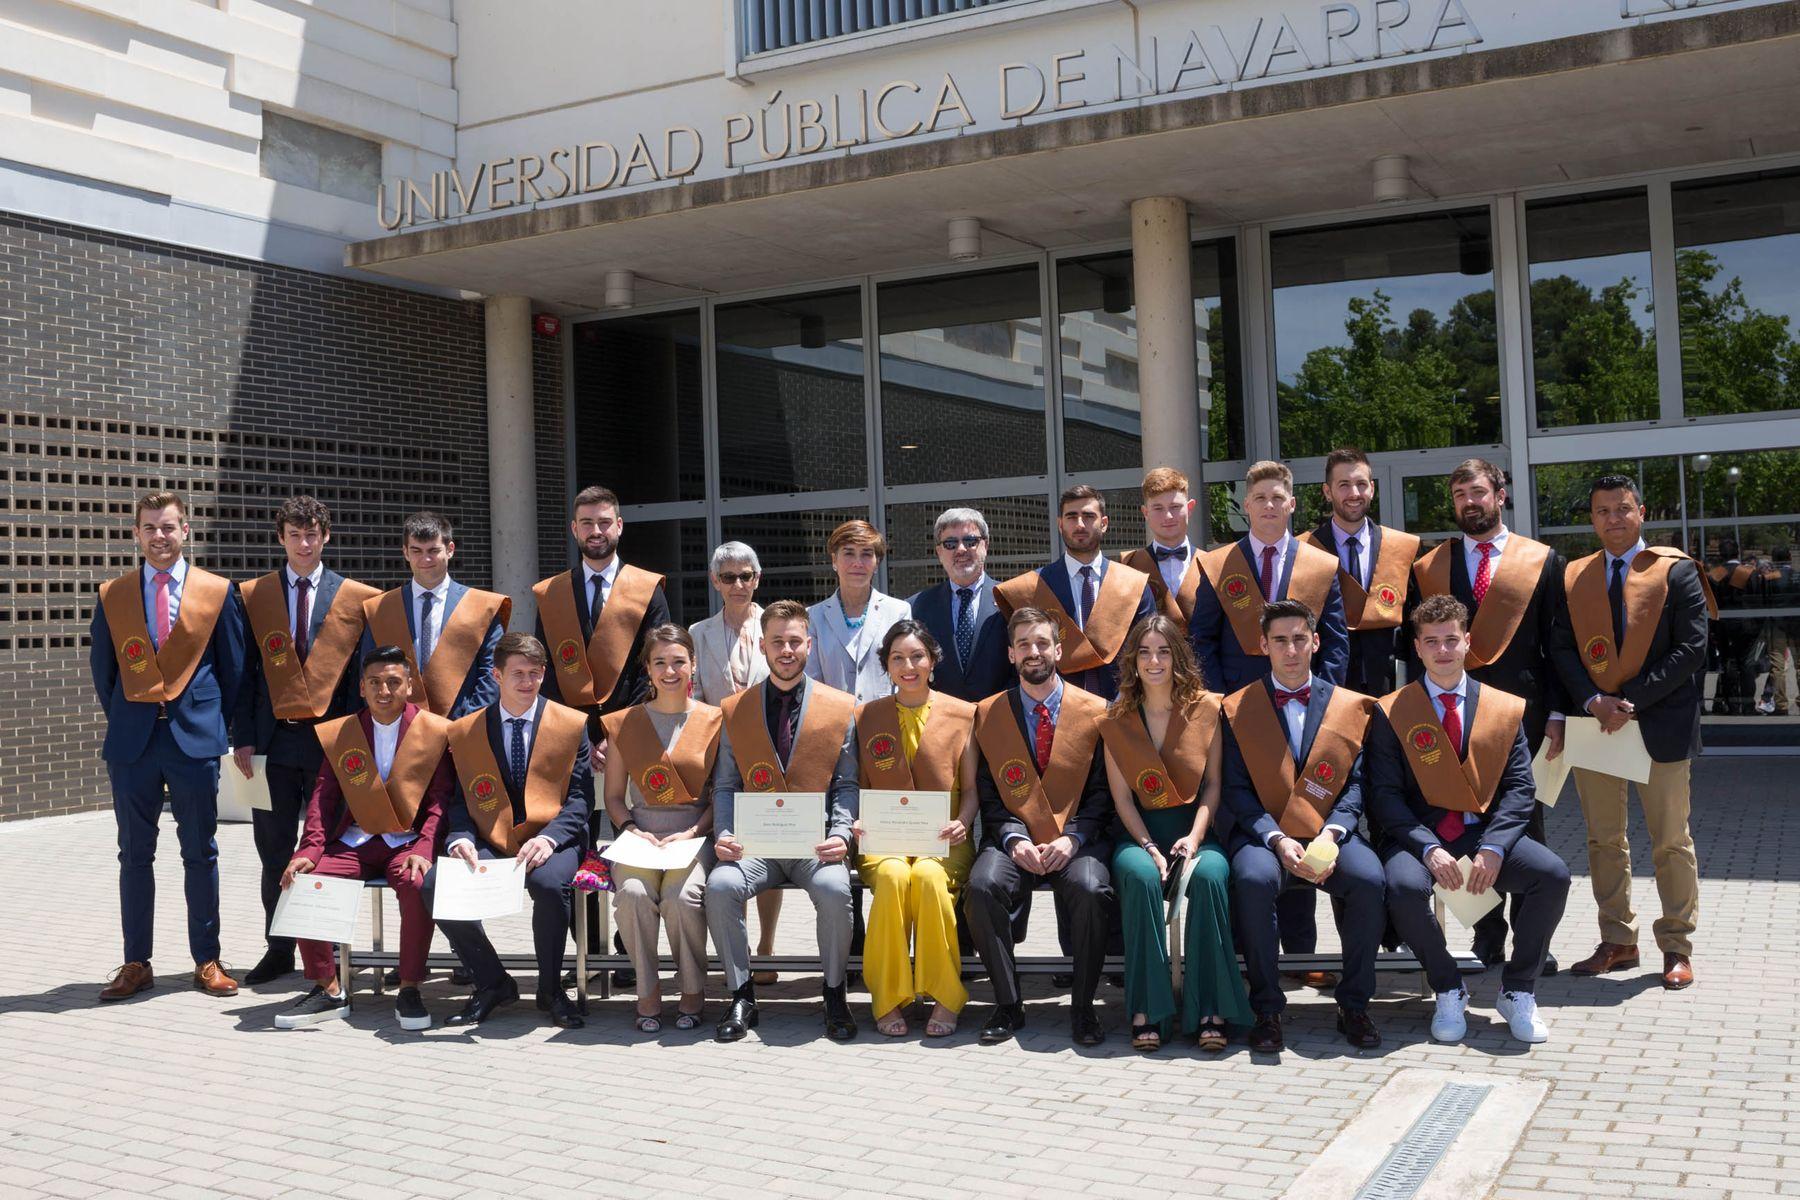 El alumnado de la Escuela Técnica Superior de Ingenieros Industriales y de Telecomunicación (ETSIIT) del campus de Tudela posa con las autoridades, tras la ceremonia